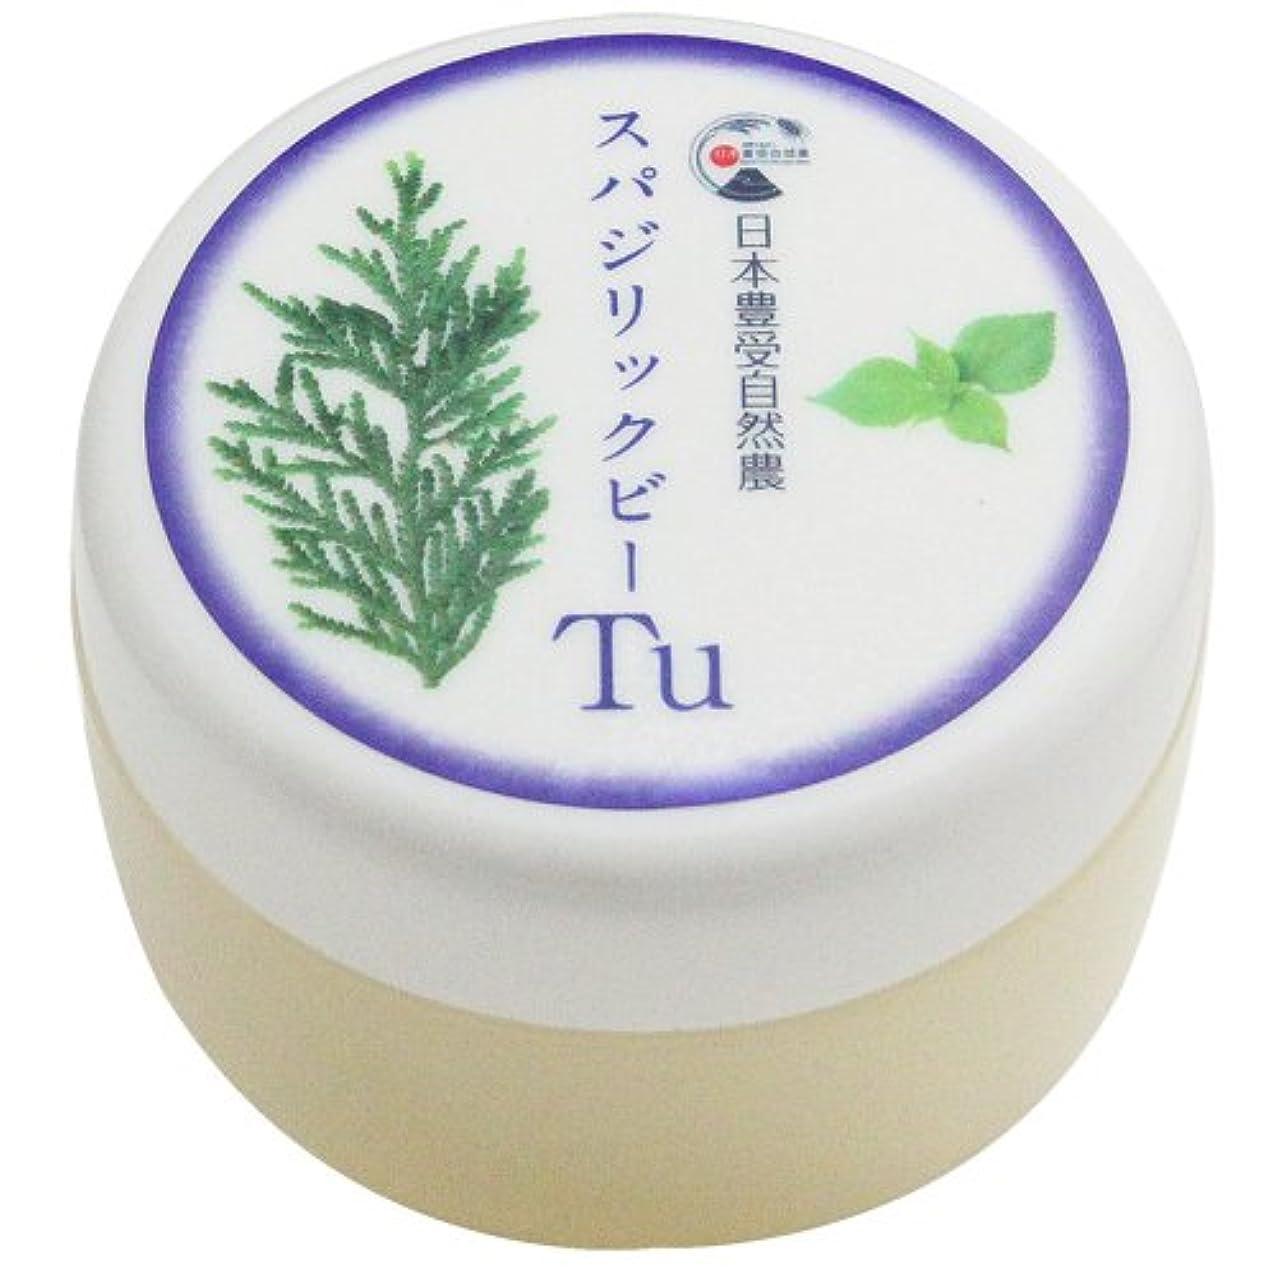 出くわすセンサー無視できる日本豊受自然農 スパジリック ビーTu(特大) 135g